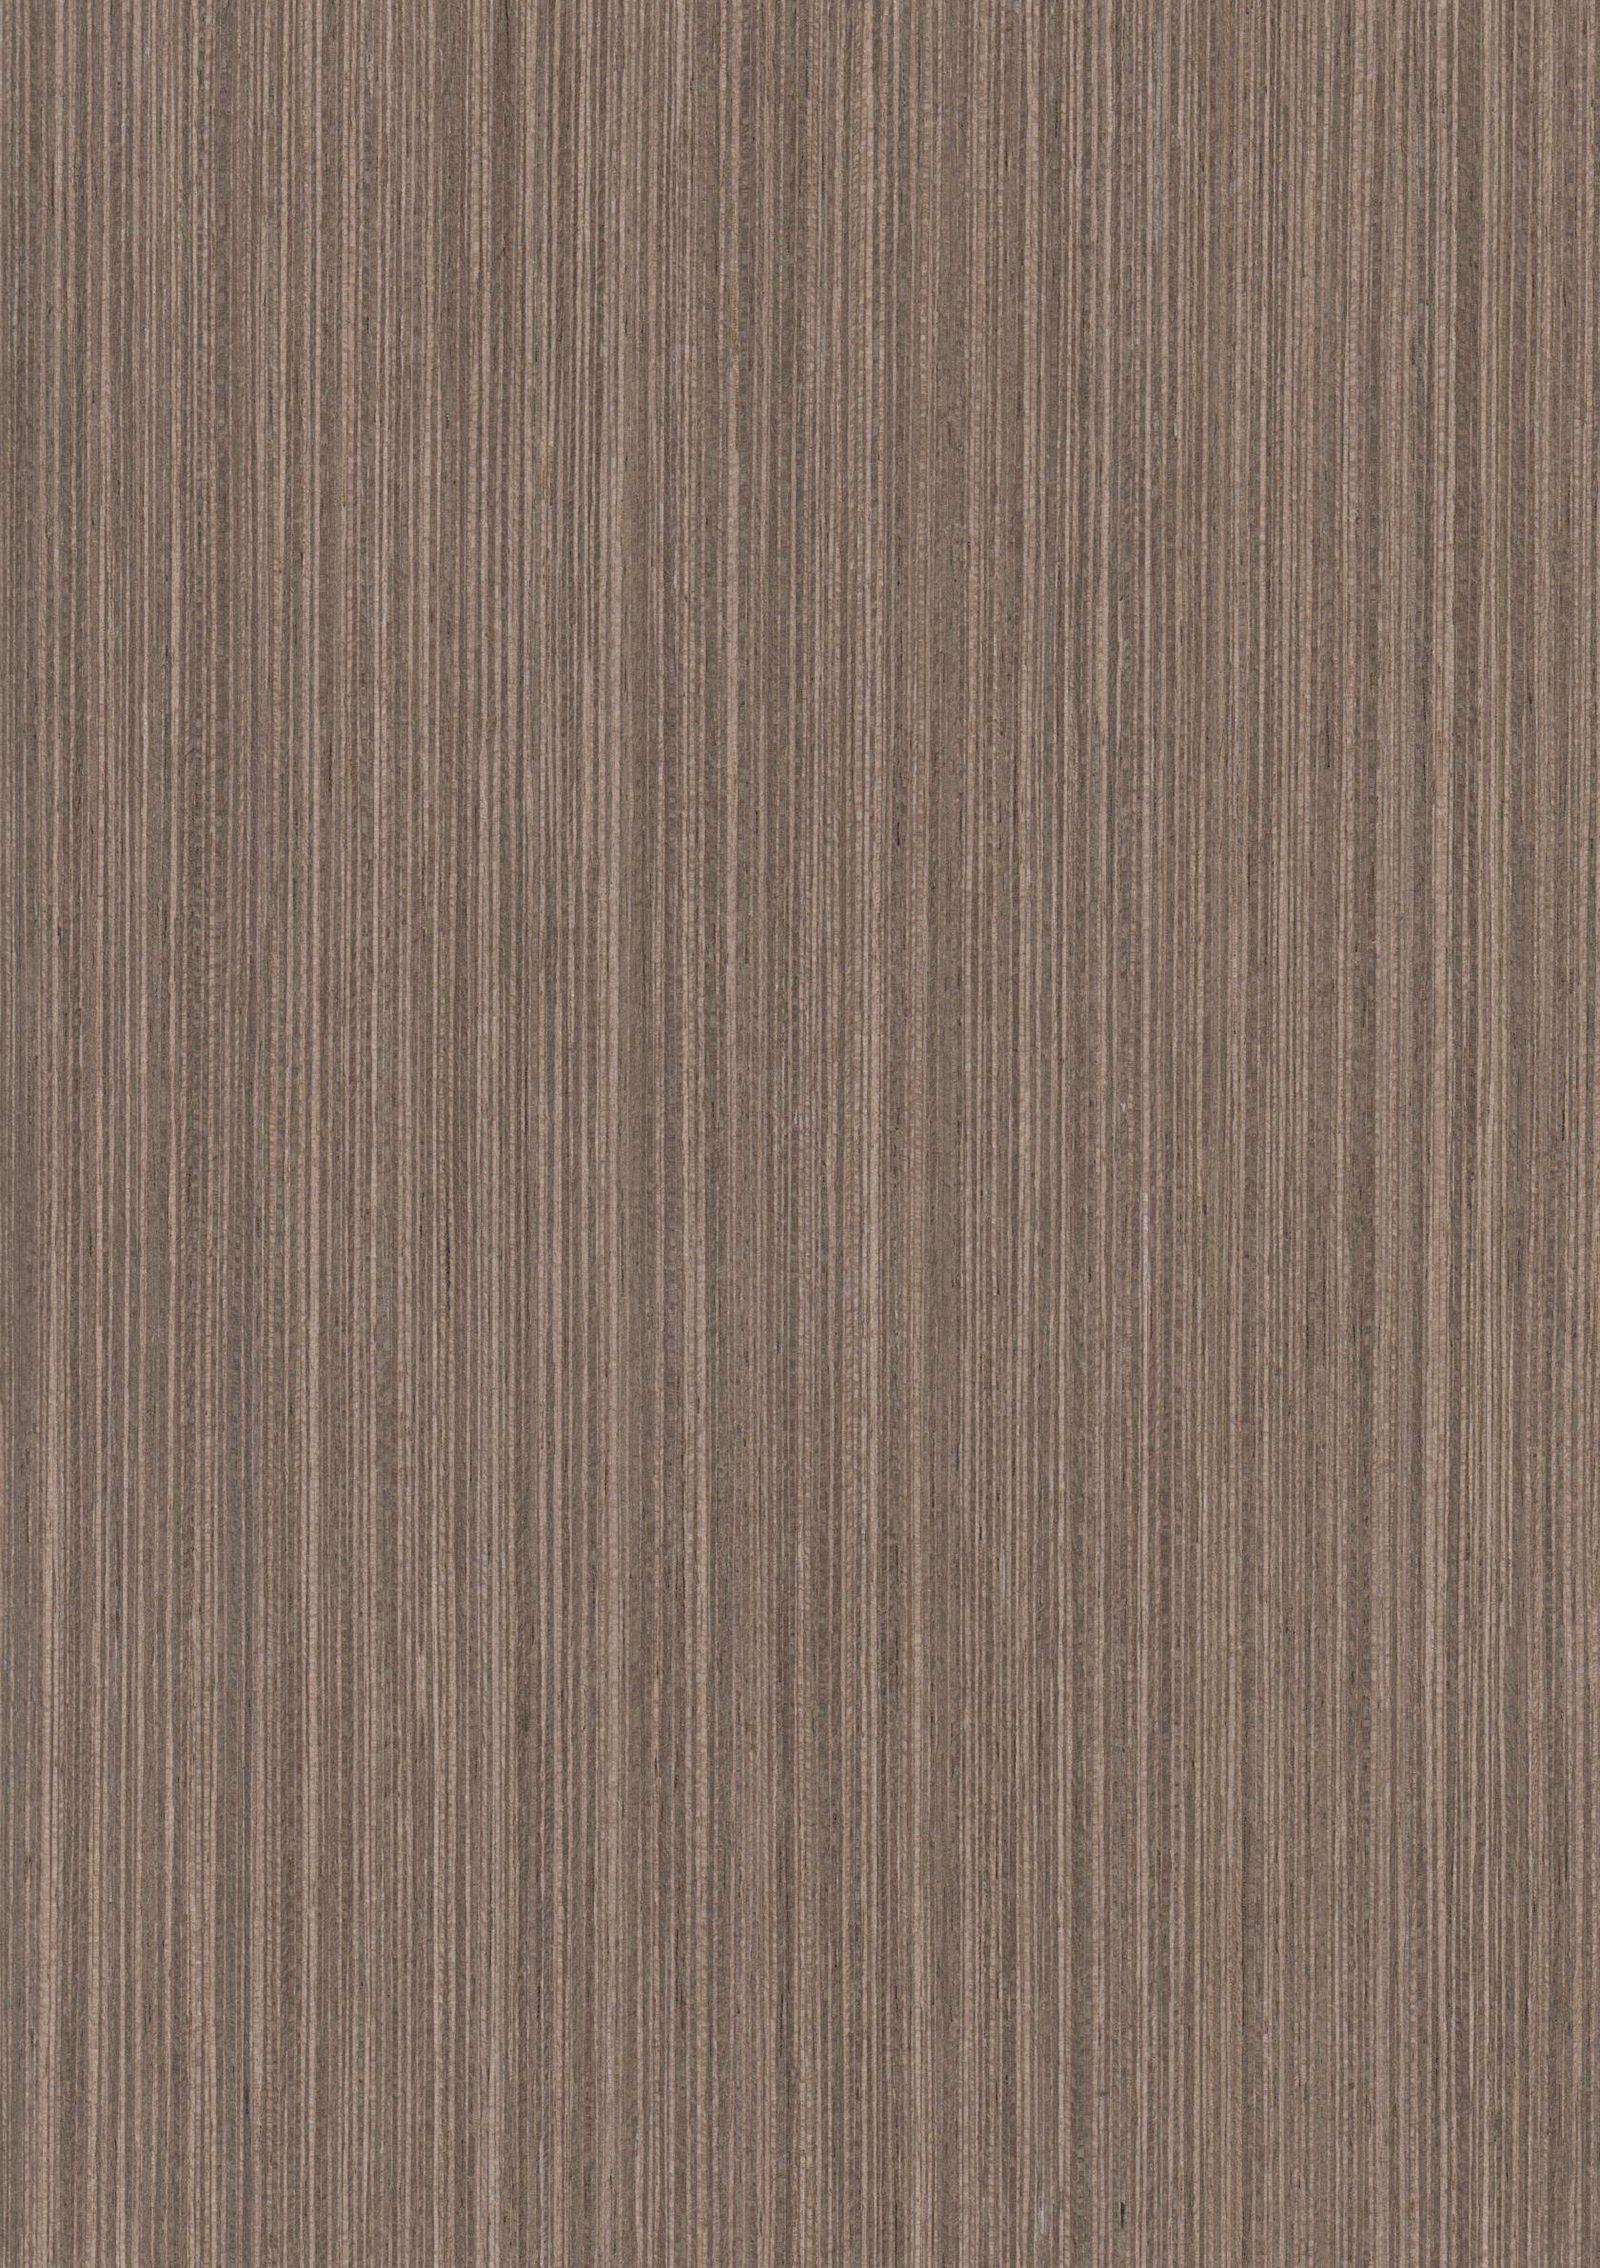 650 Kassod Wood Veneers In 2019 Veneer Texture Wood